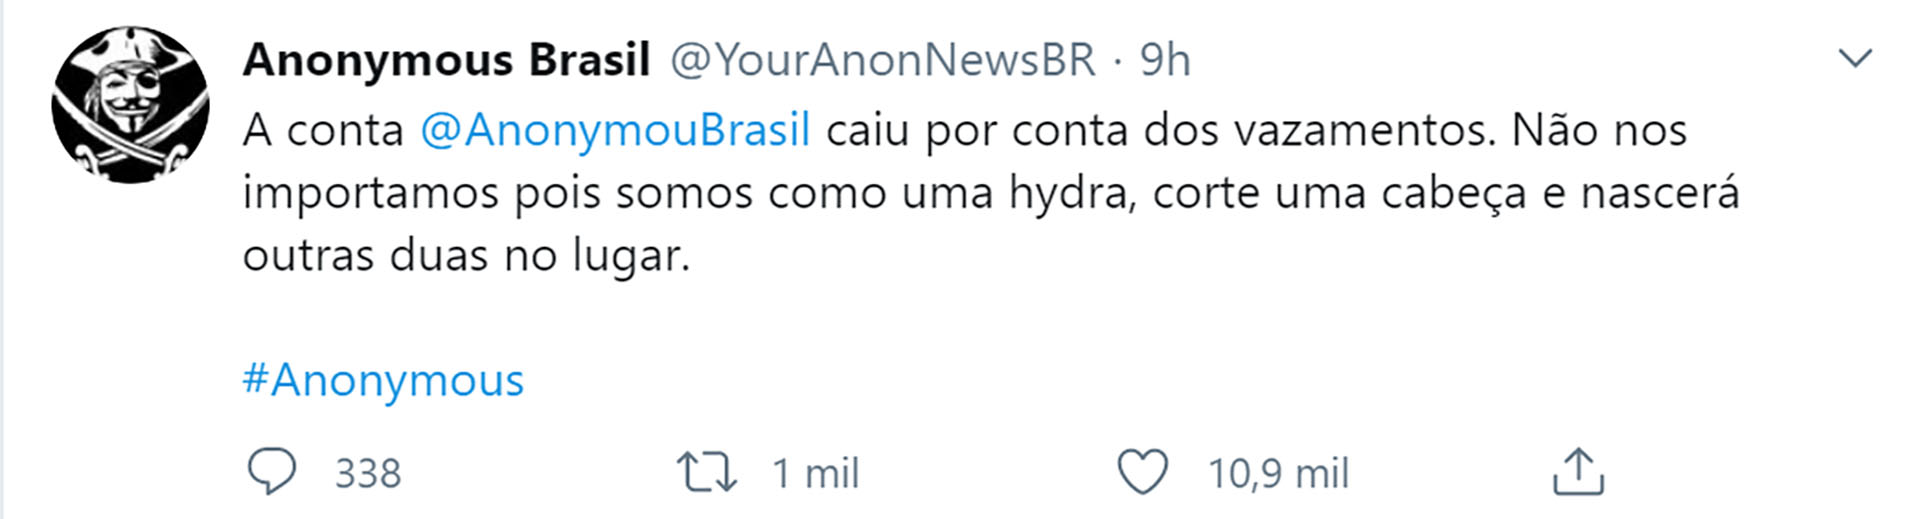 Anonymous Brasil desafió con seguir publicando informaciones